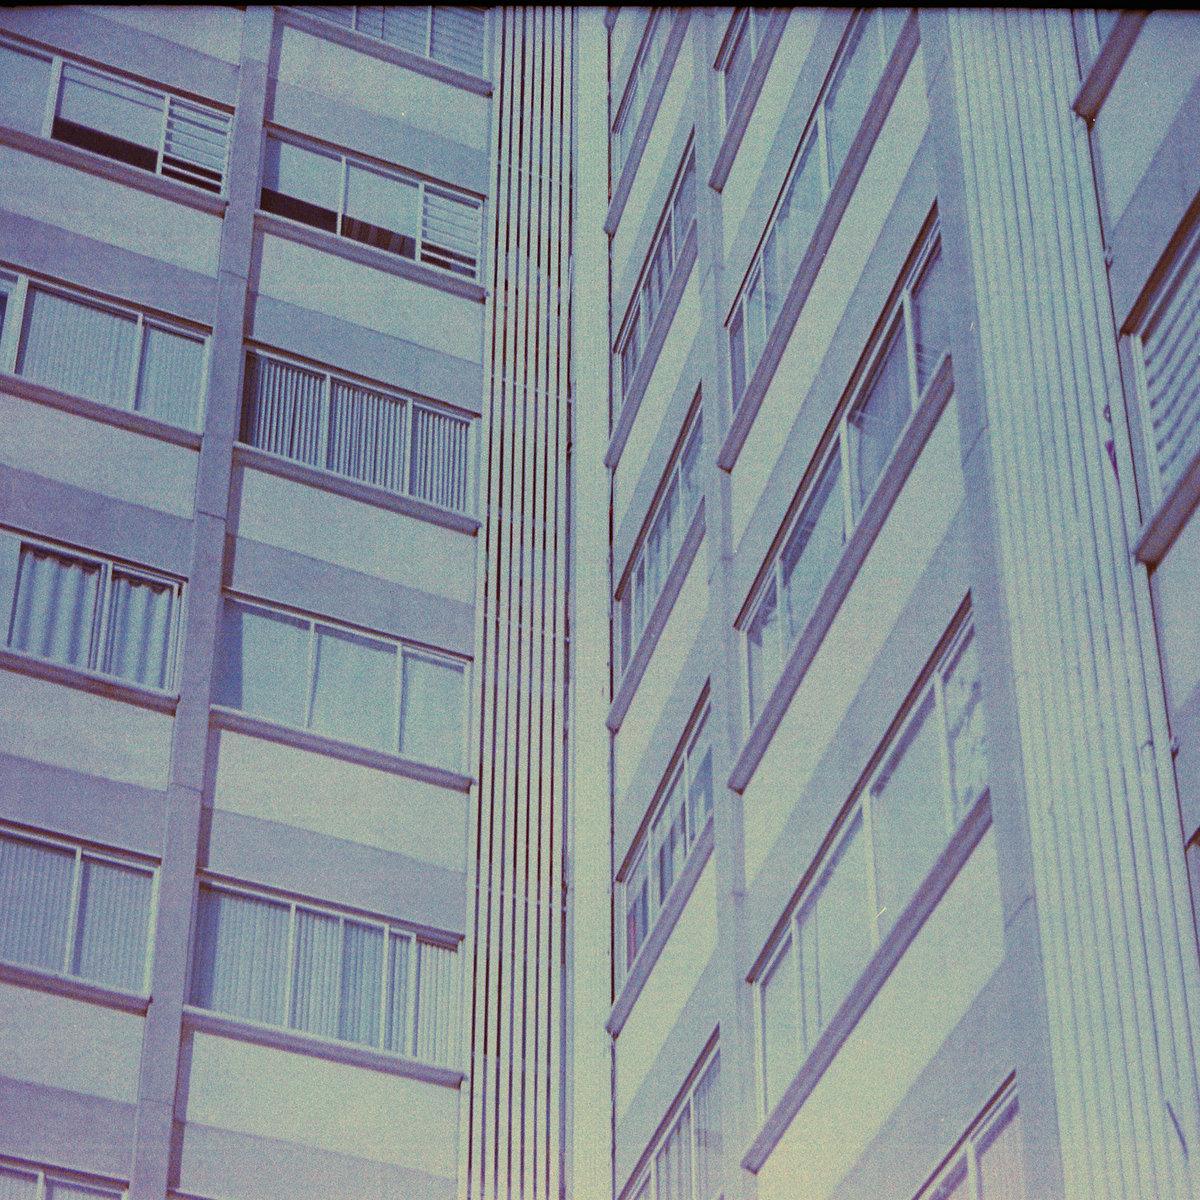 Edificio | Diles Que No Me Maten